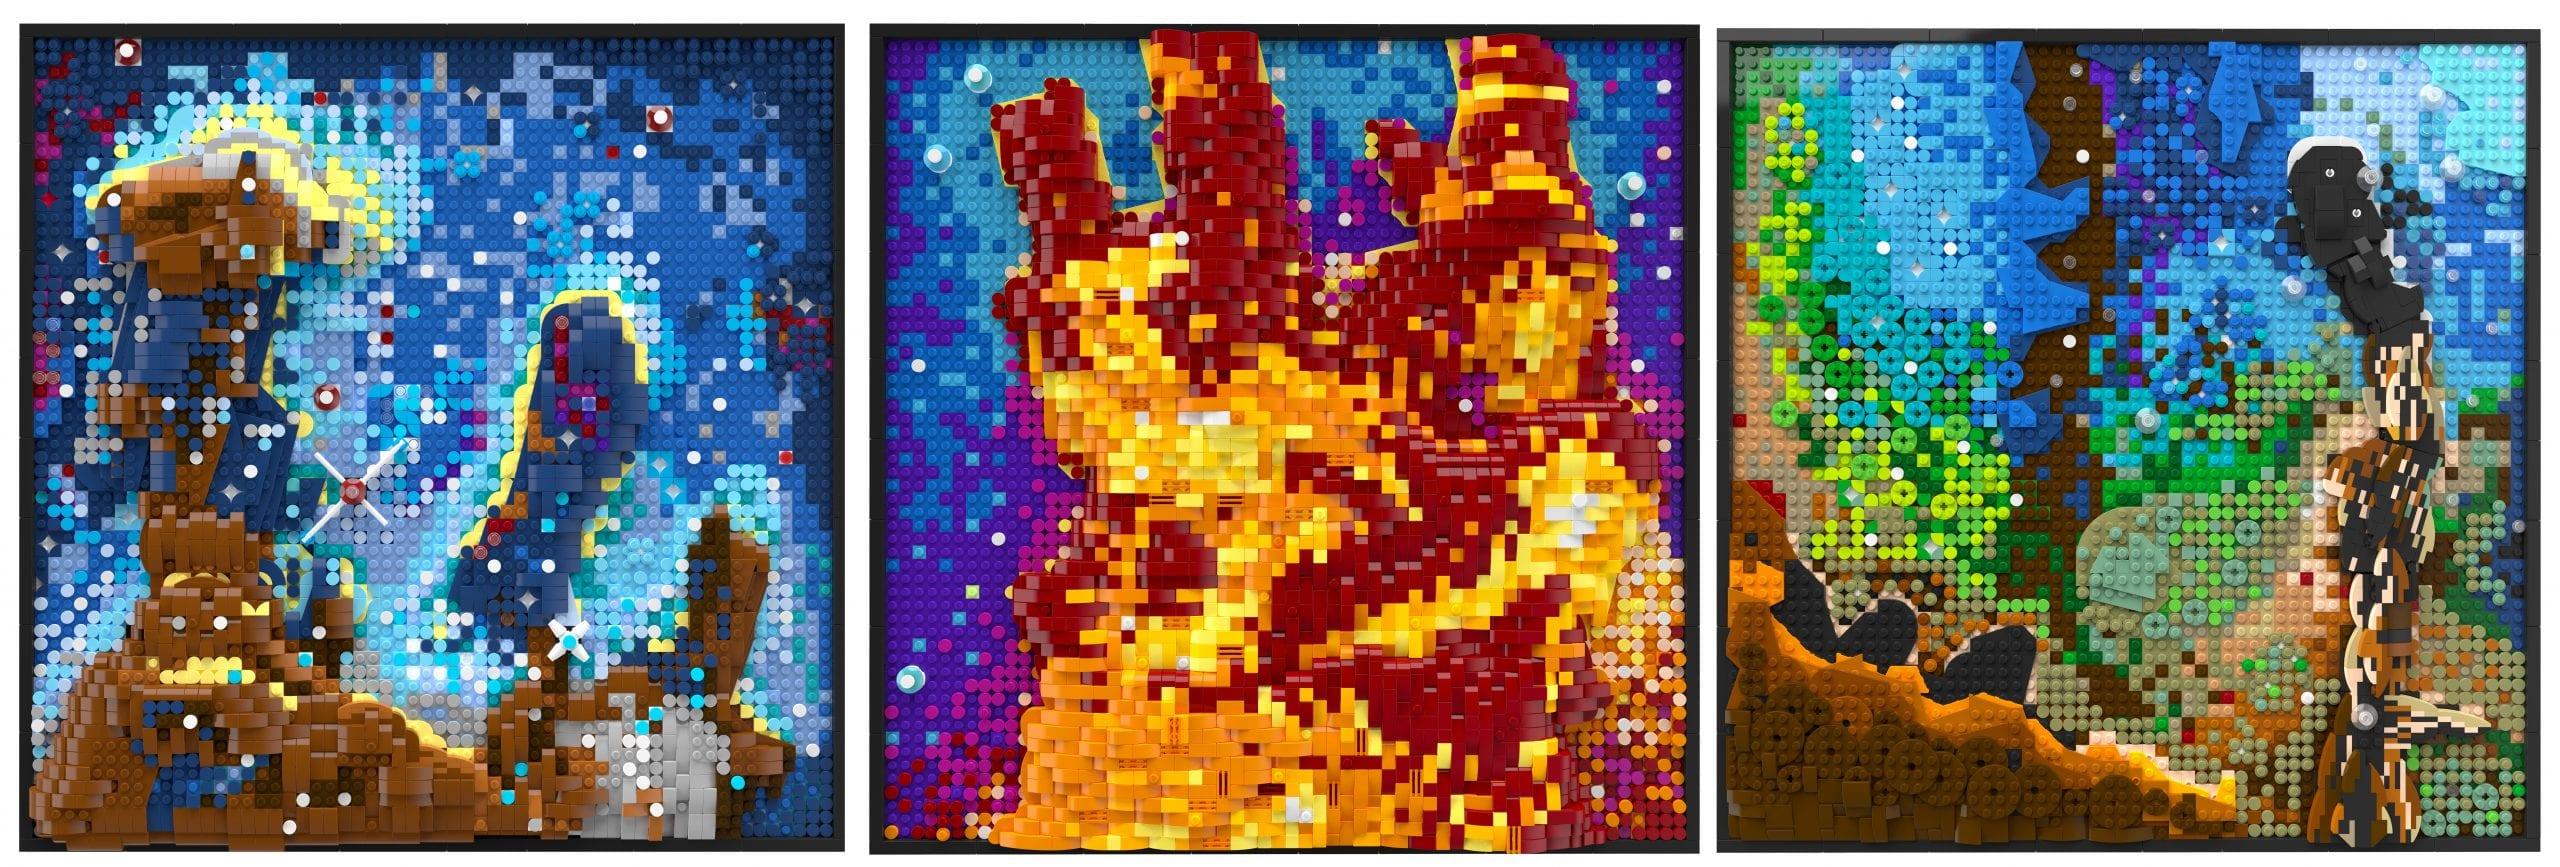 LEGO Hubble